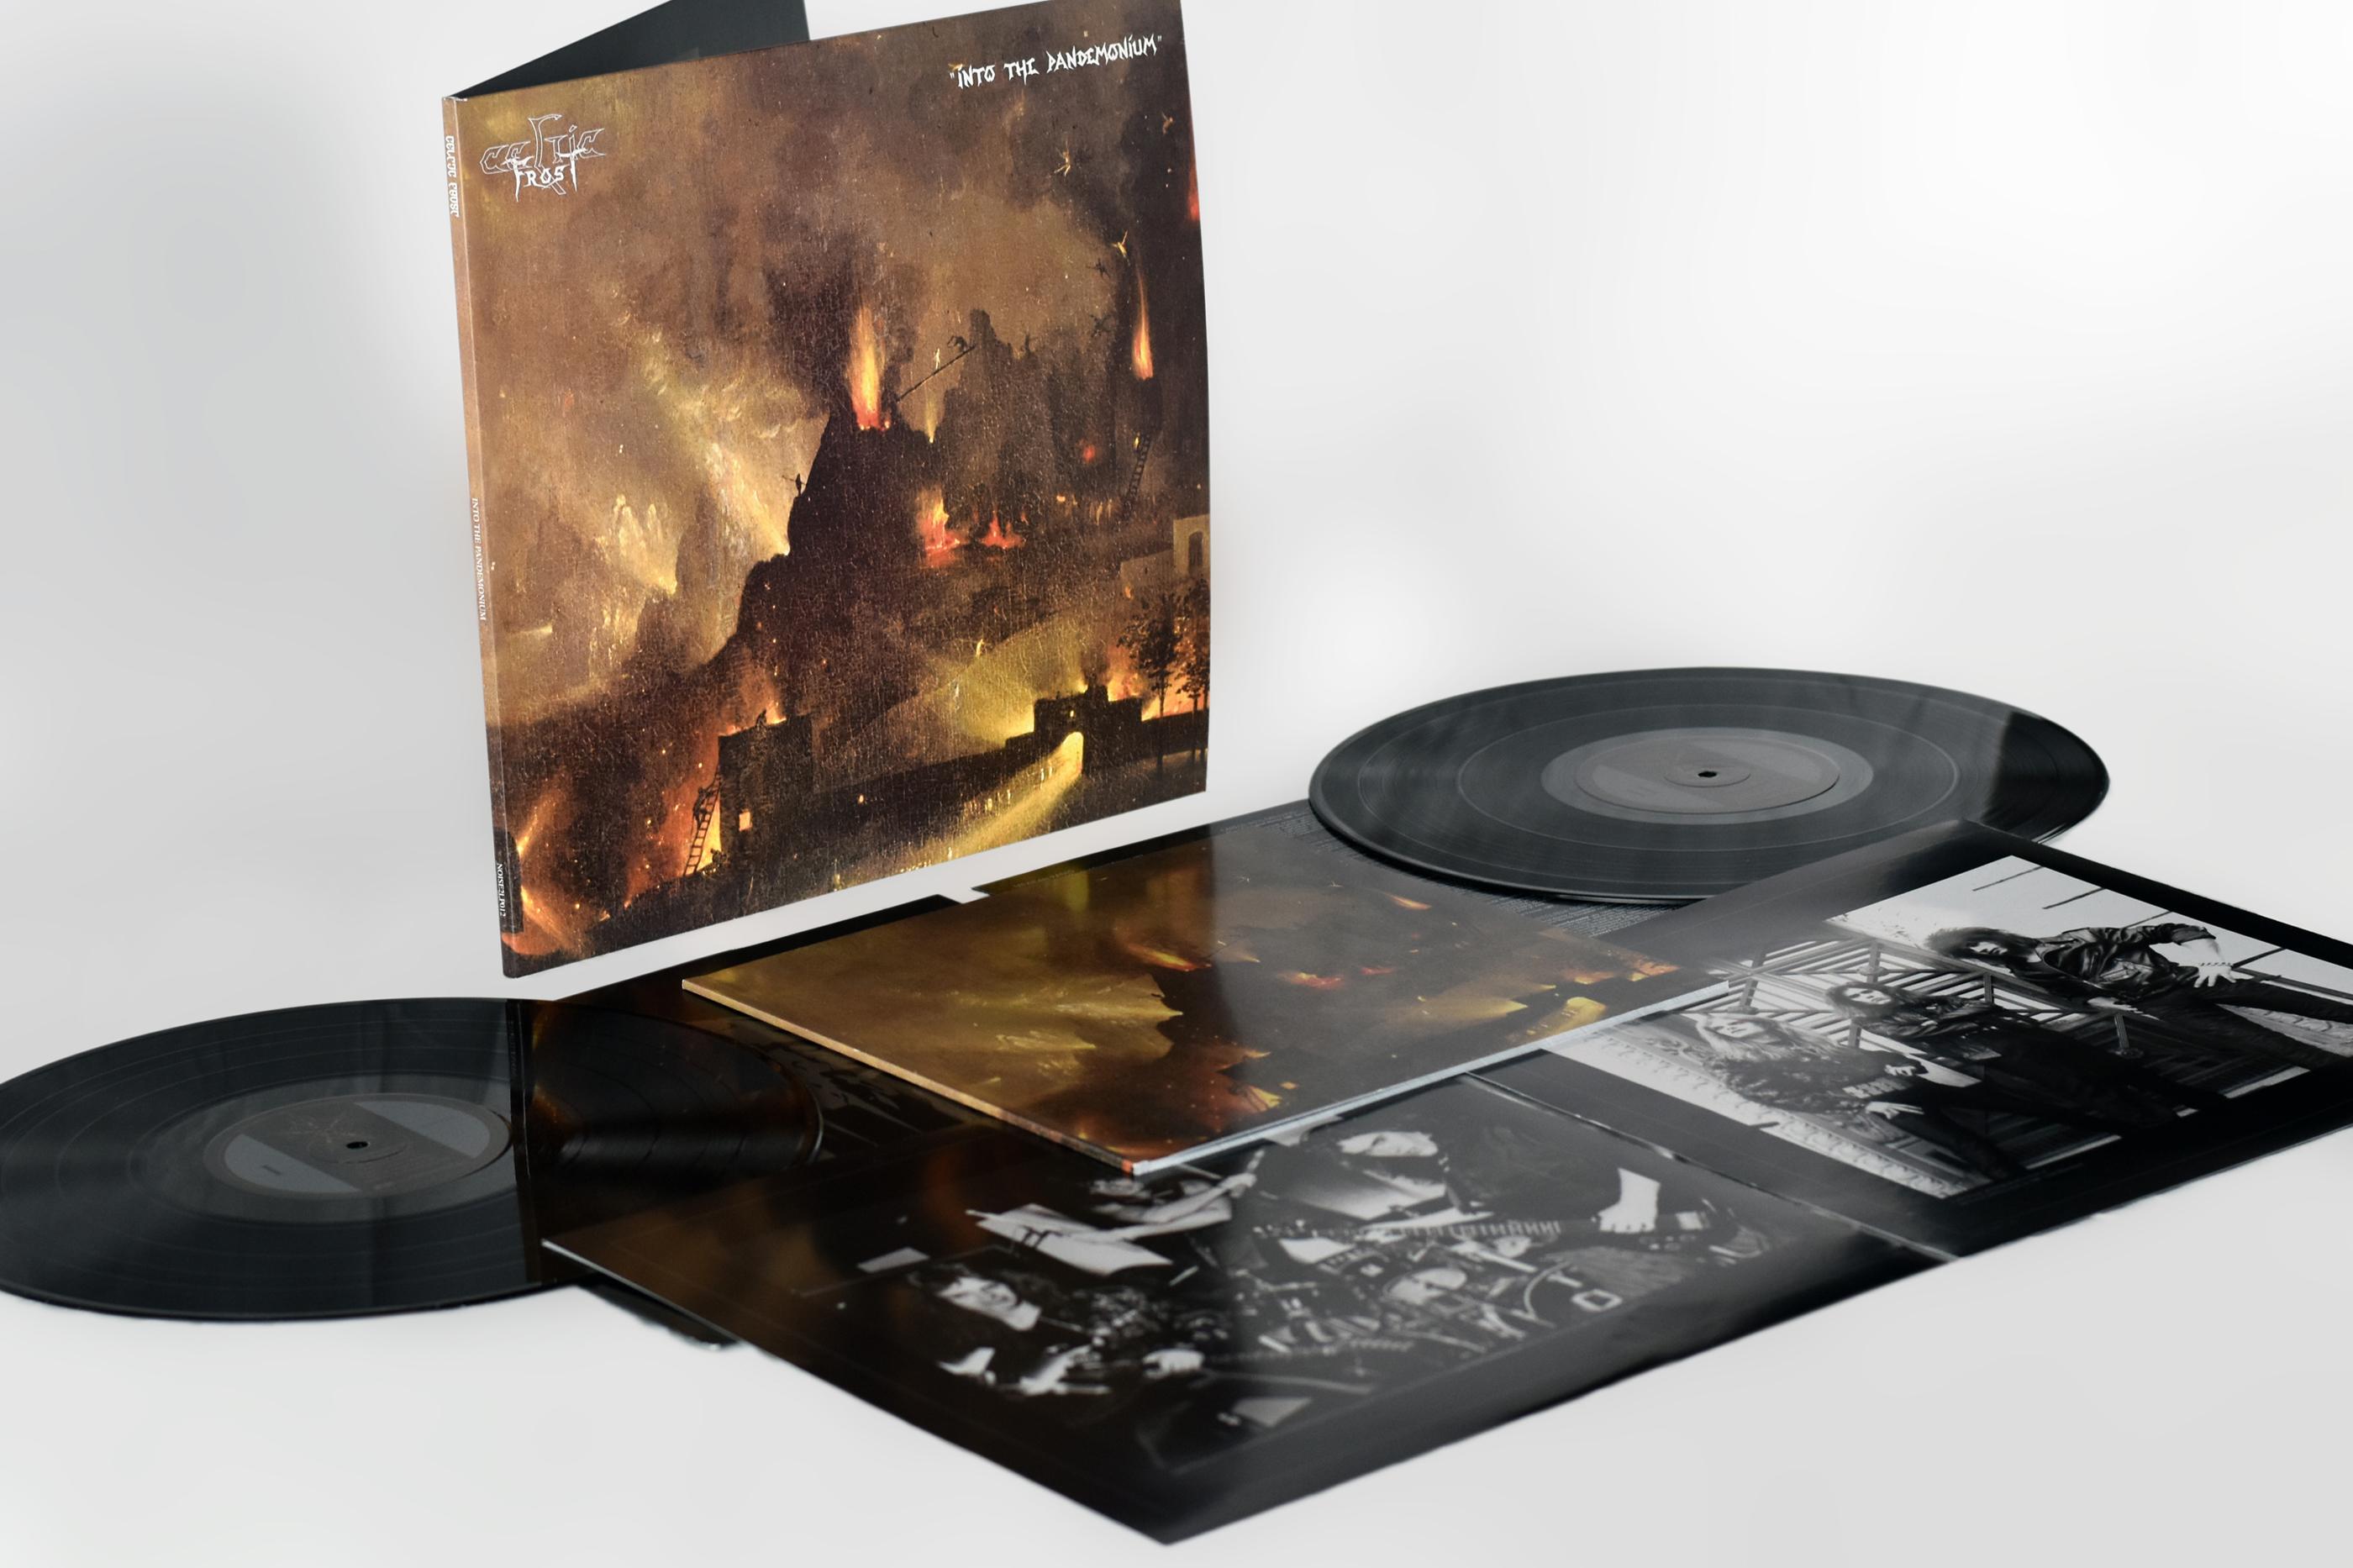 Celtic Frost Wir Verlosen Zwei Fette Vinyl Pakete